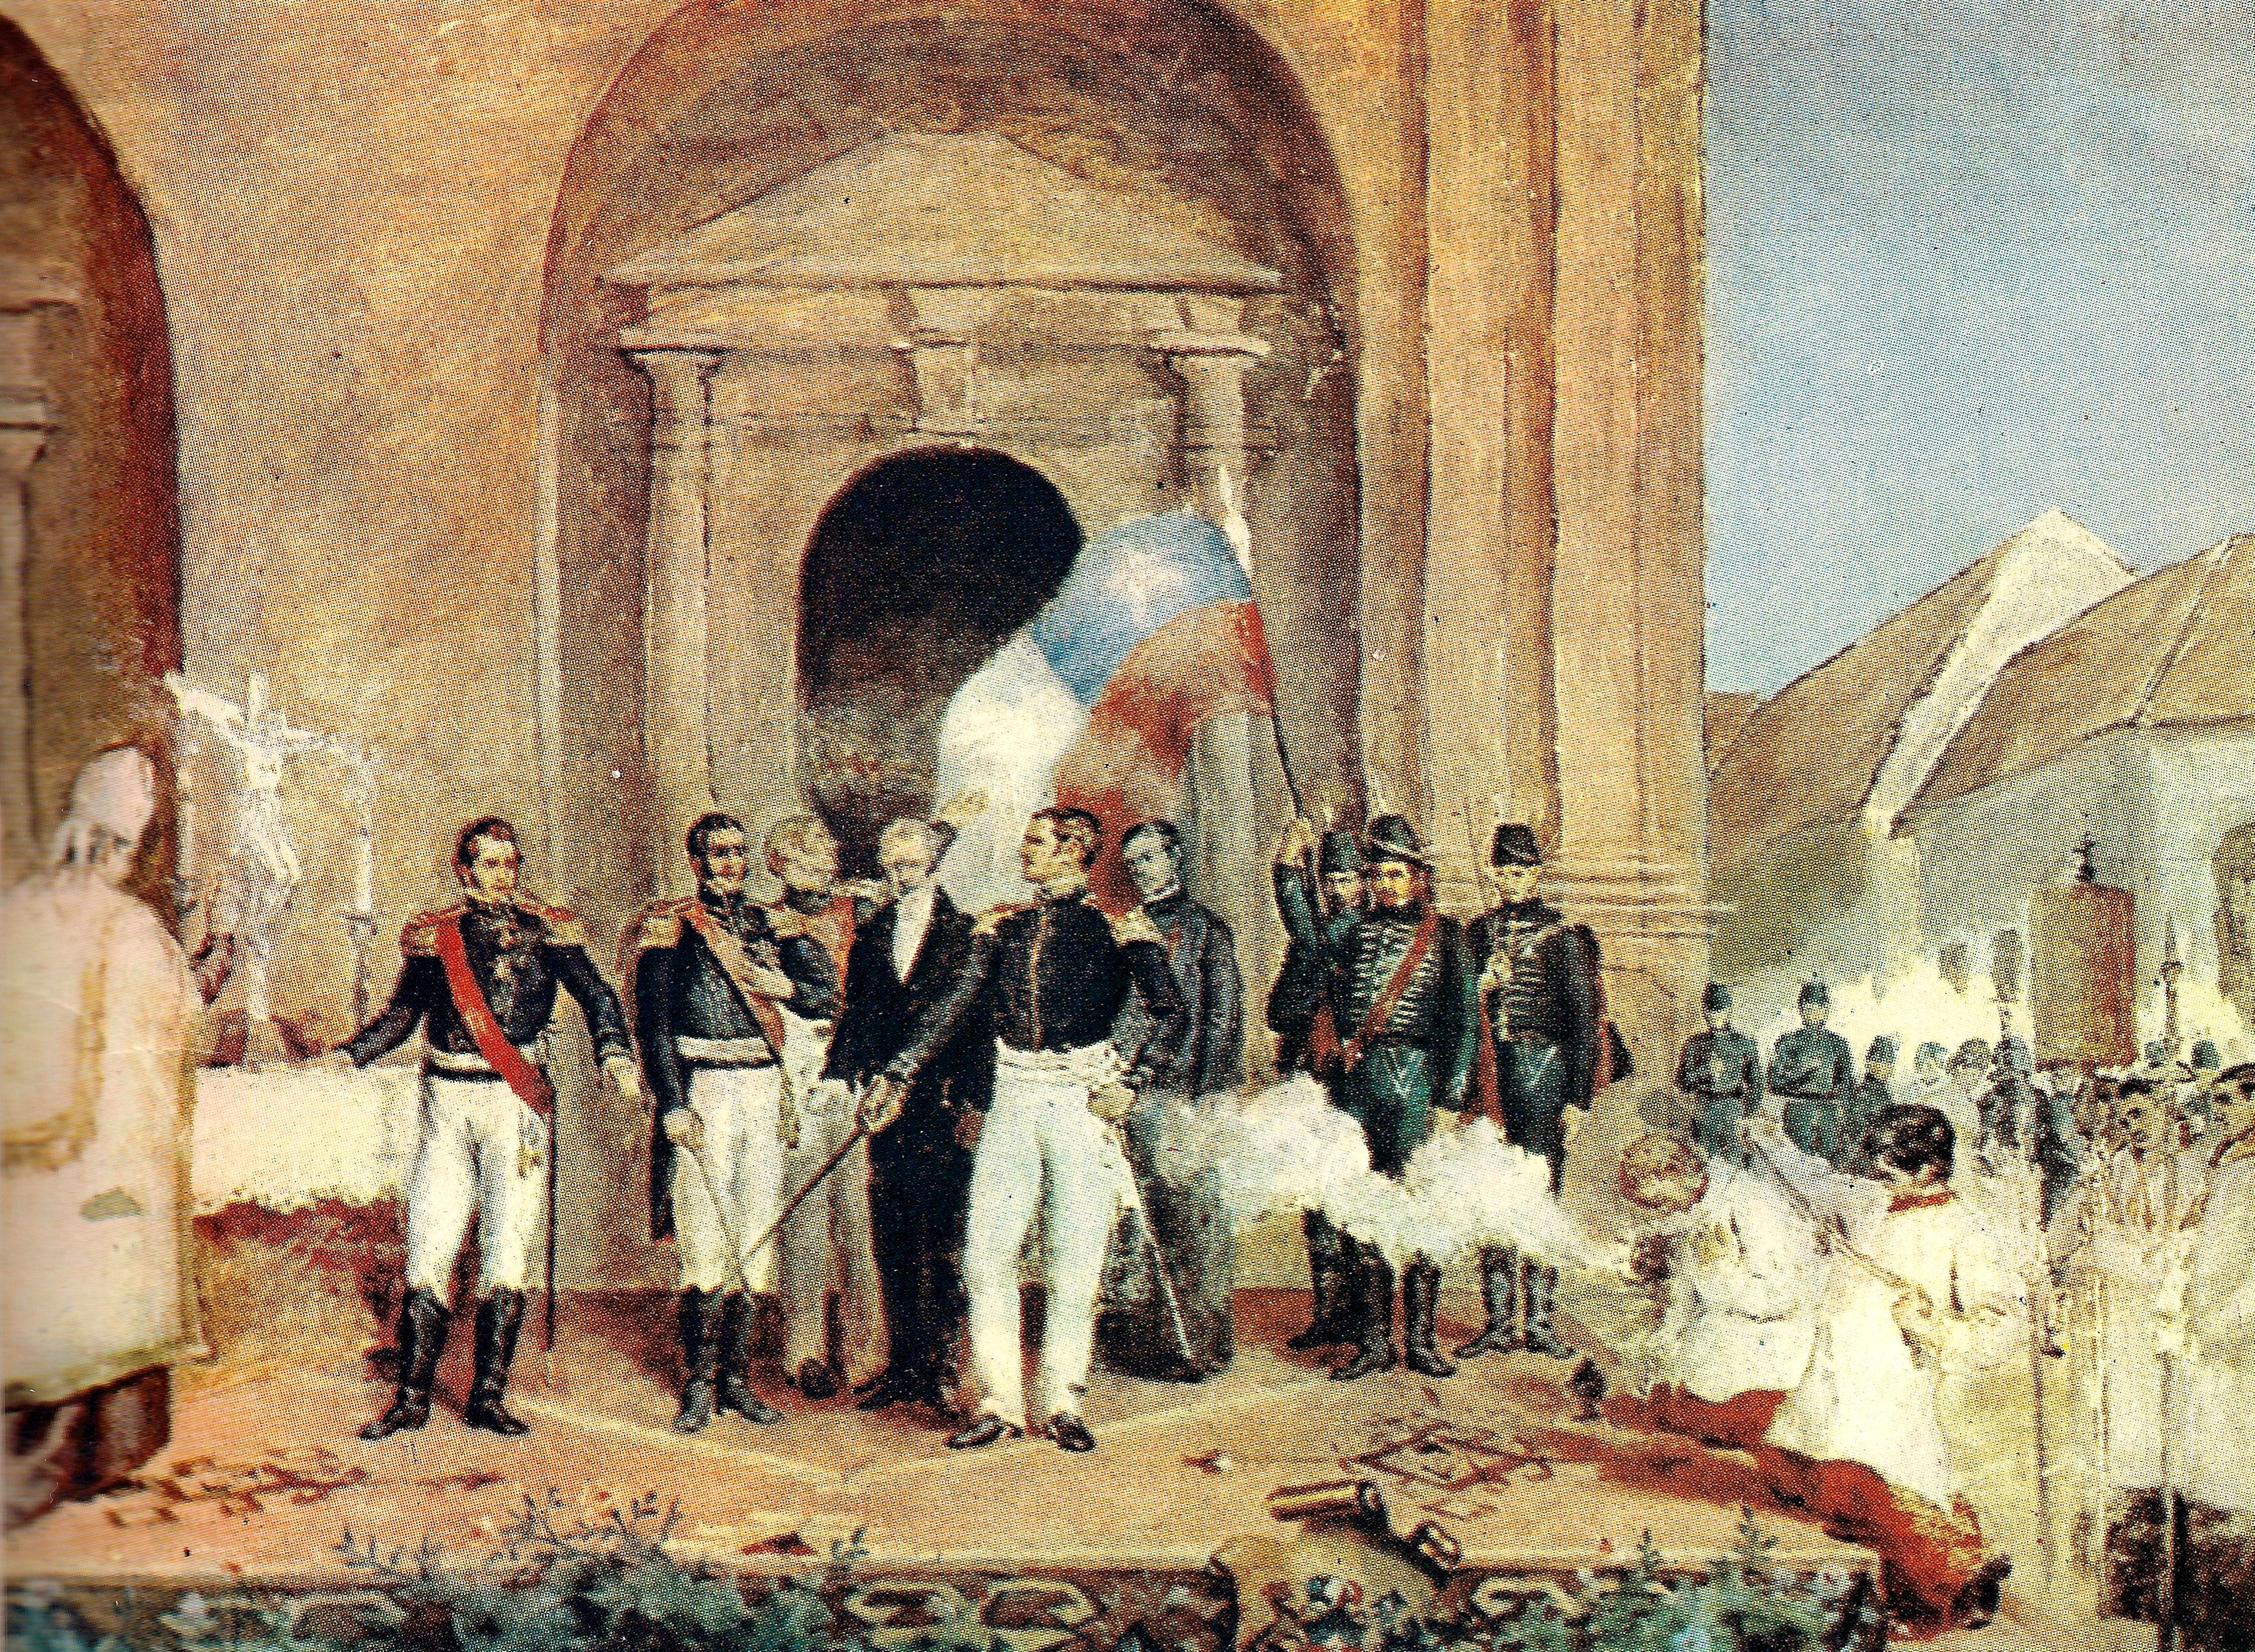 Guerra de la Independencia de Chile - Wikipedia, la enciclopedia libre